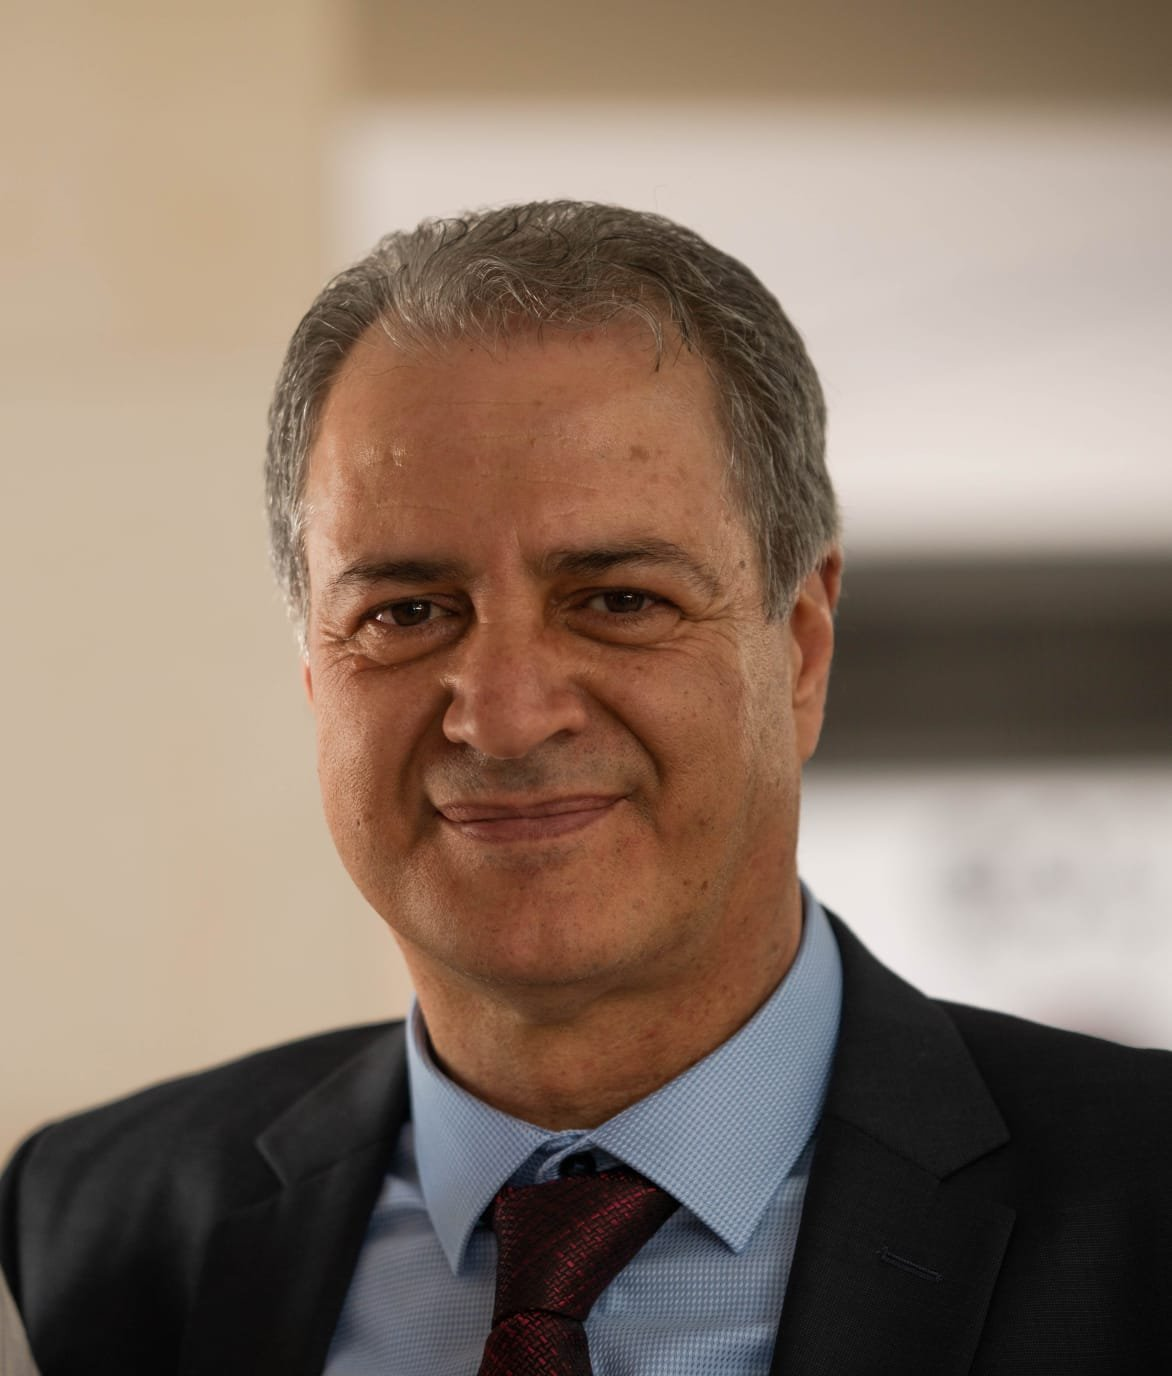 بعد منحه جائزة الاقتصاد، رجل الاعمال تلحمي يضاعفها ويخصصها للطالبات العربيات